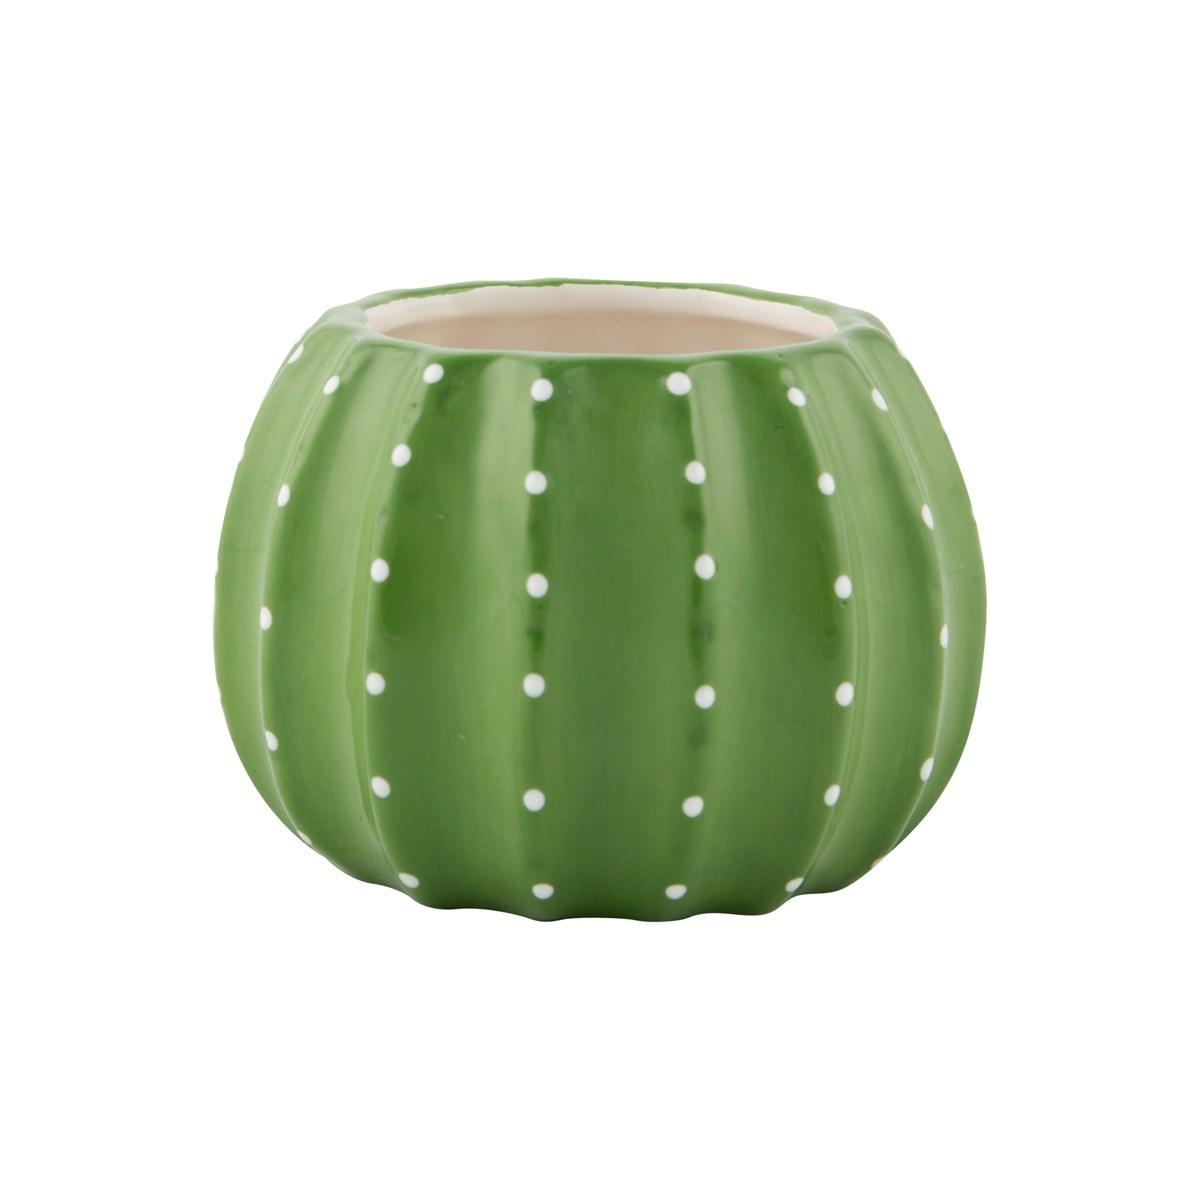 Cactus plant pot Cactus pots for sale